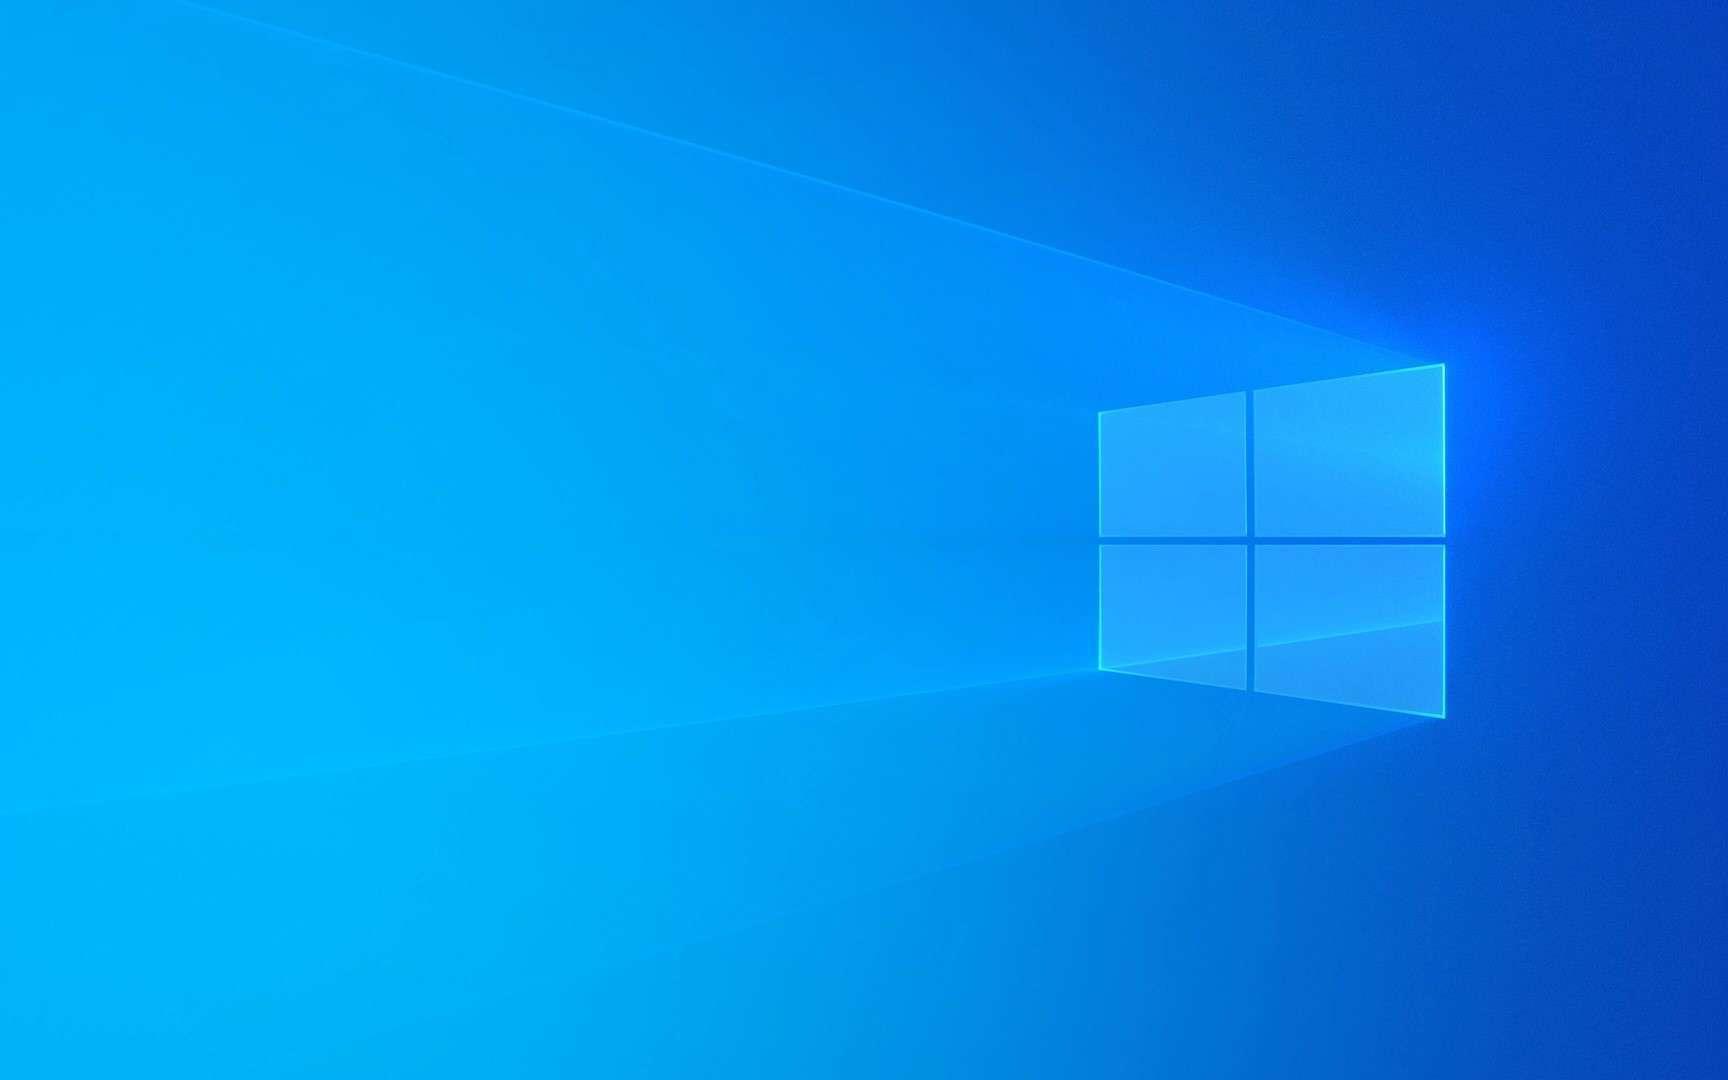 Un ransomware se fait passer pour une mise à jour de Windows 10. © Microsoft